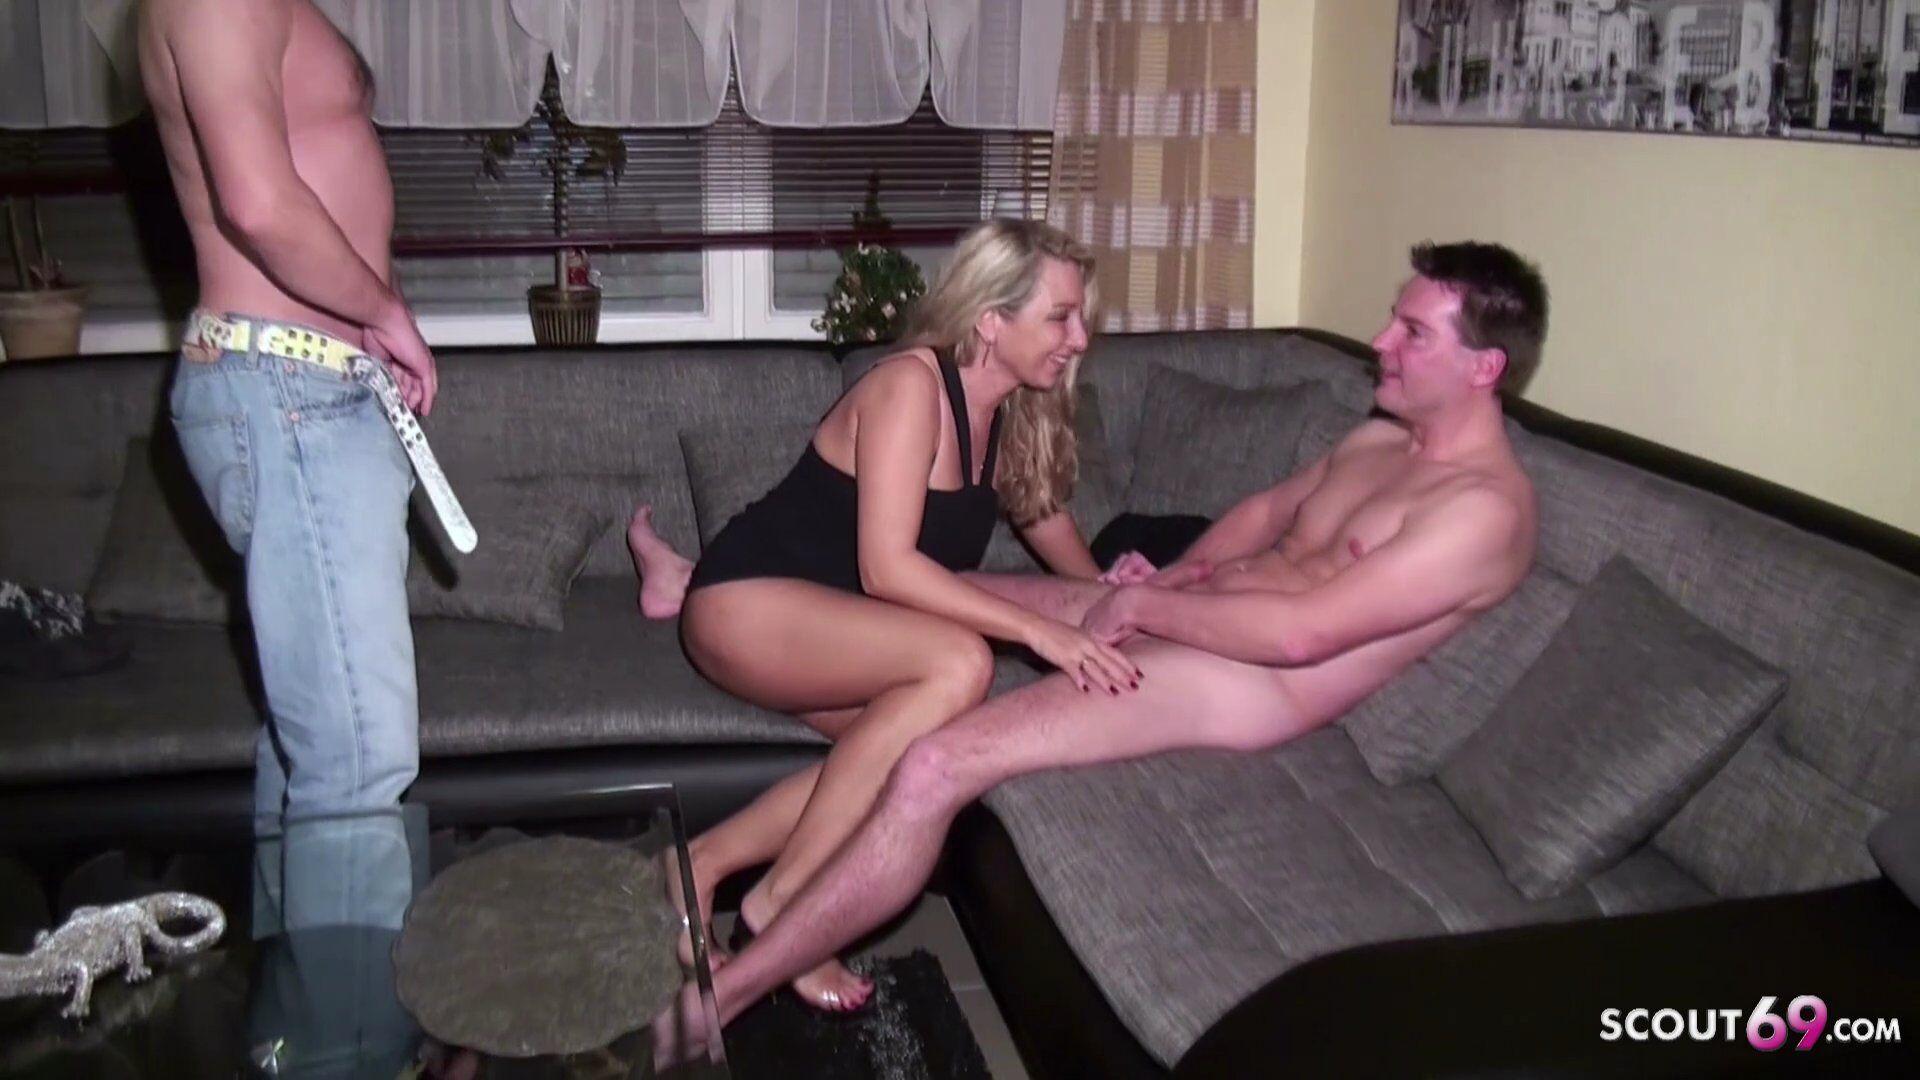 Fickt Ehefrau Front Ehemann